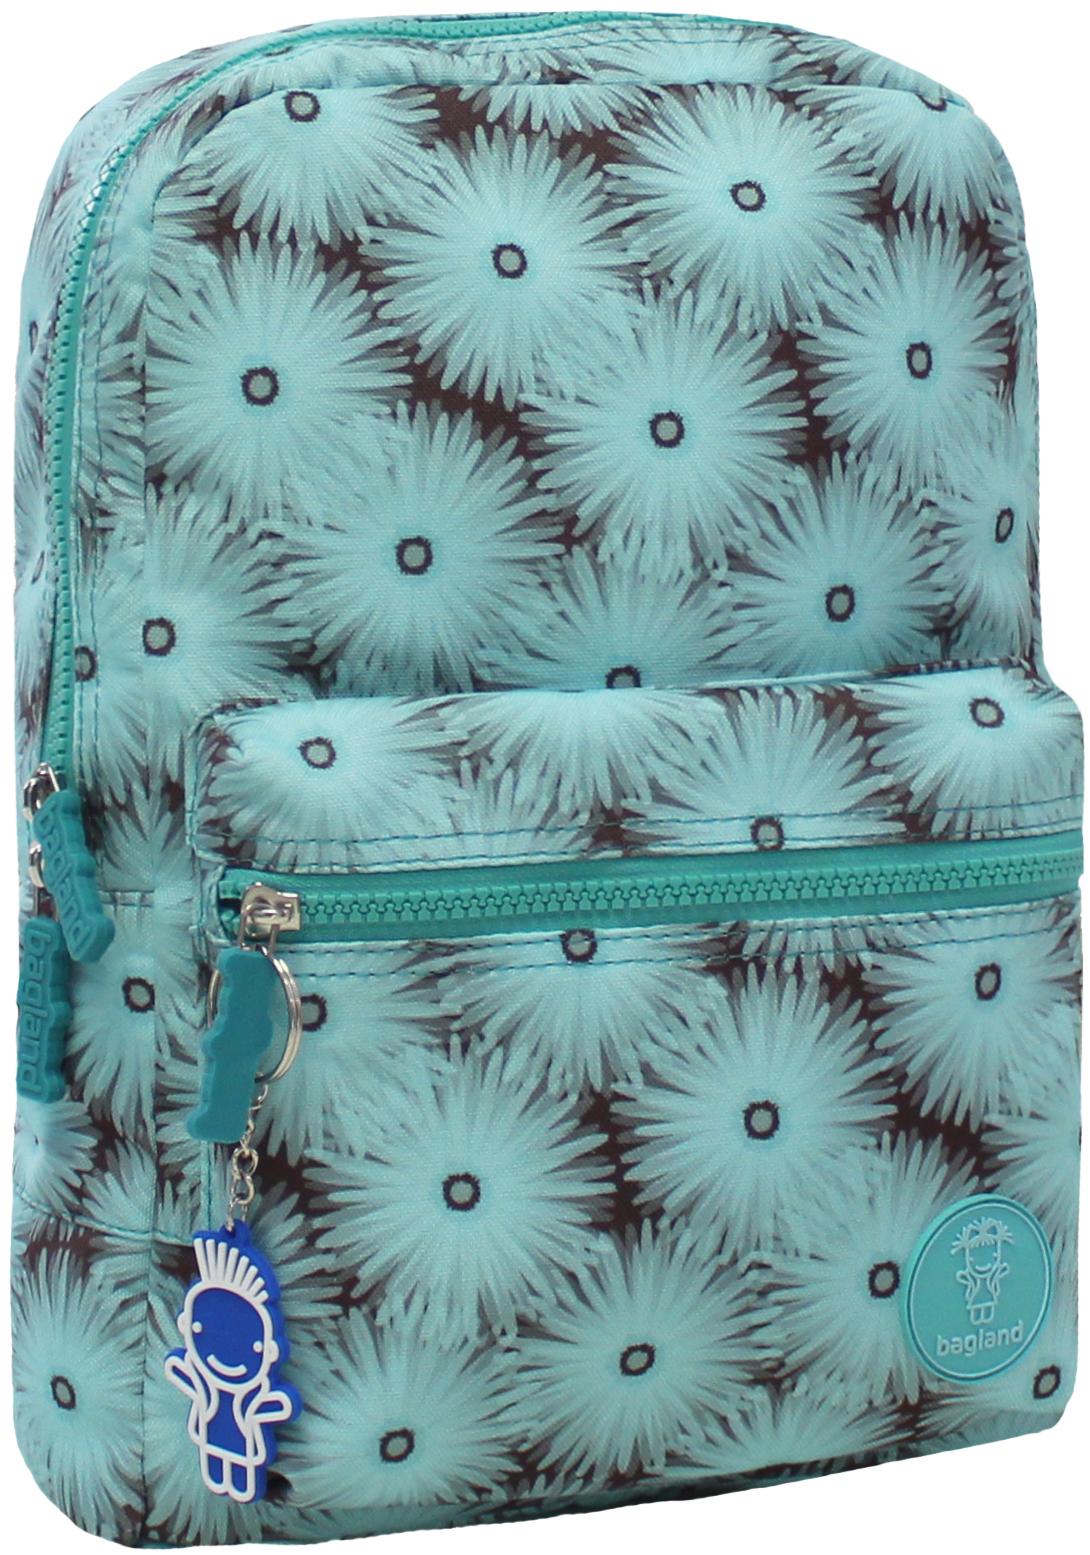 Детские рюкзаки Рюкзак Bagland Молодежный mini 8 л. сублимация (16) (00508664) IMG_6317.JPG